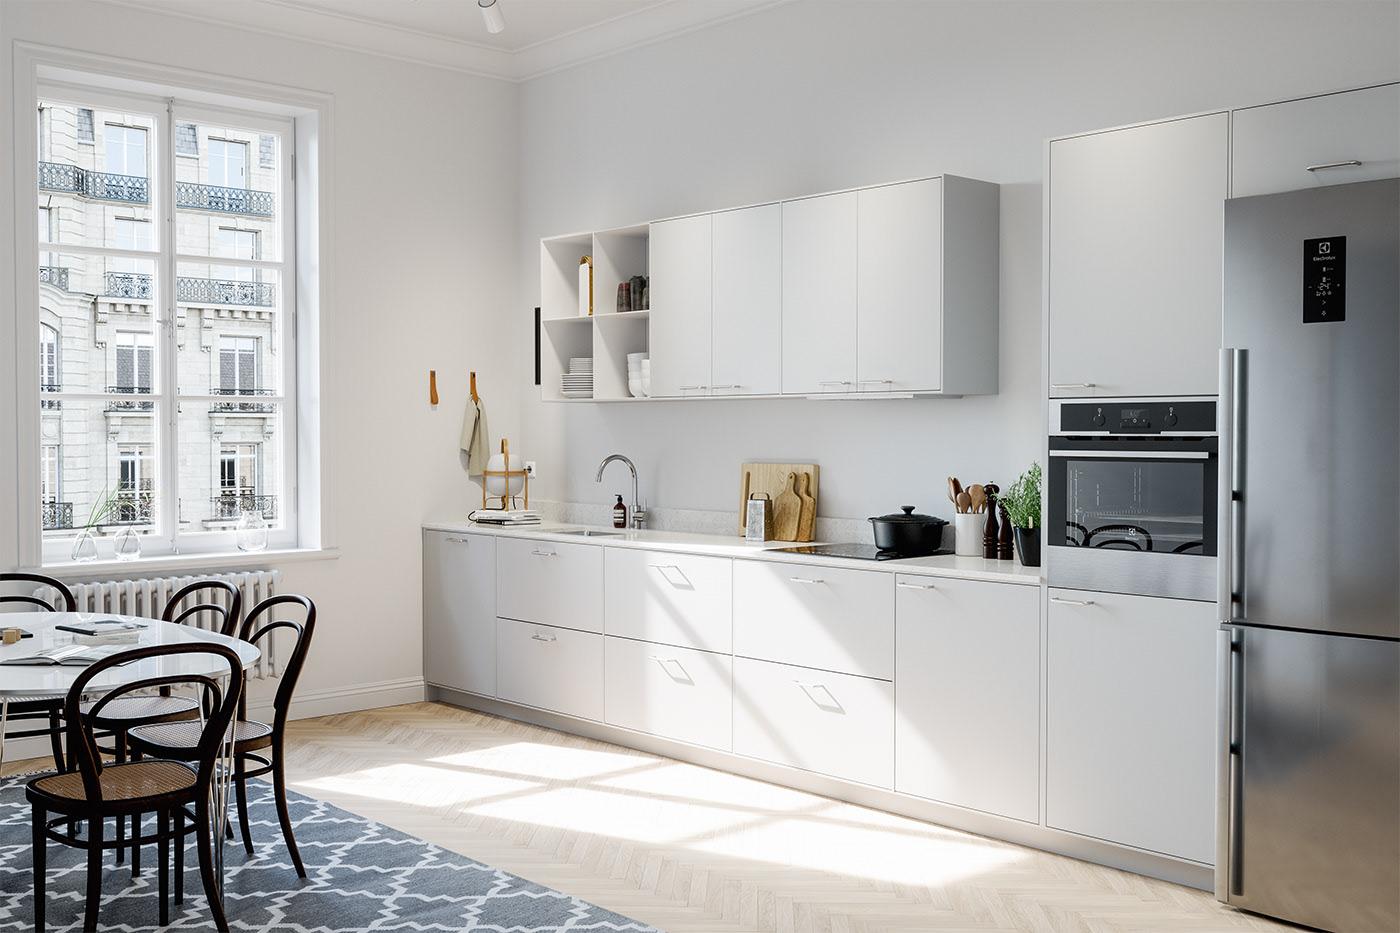 Căn bếp nhỏ với gam màu trắng tinh tế, nổi bật của phong cách Bắc Âu